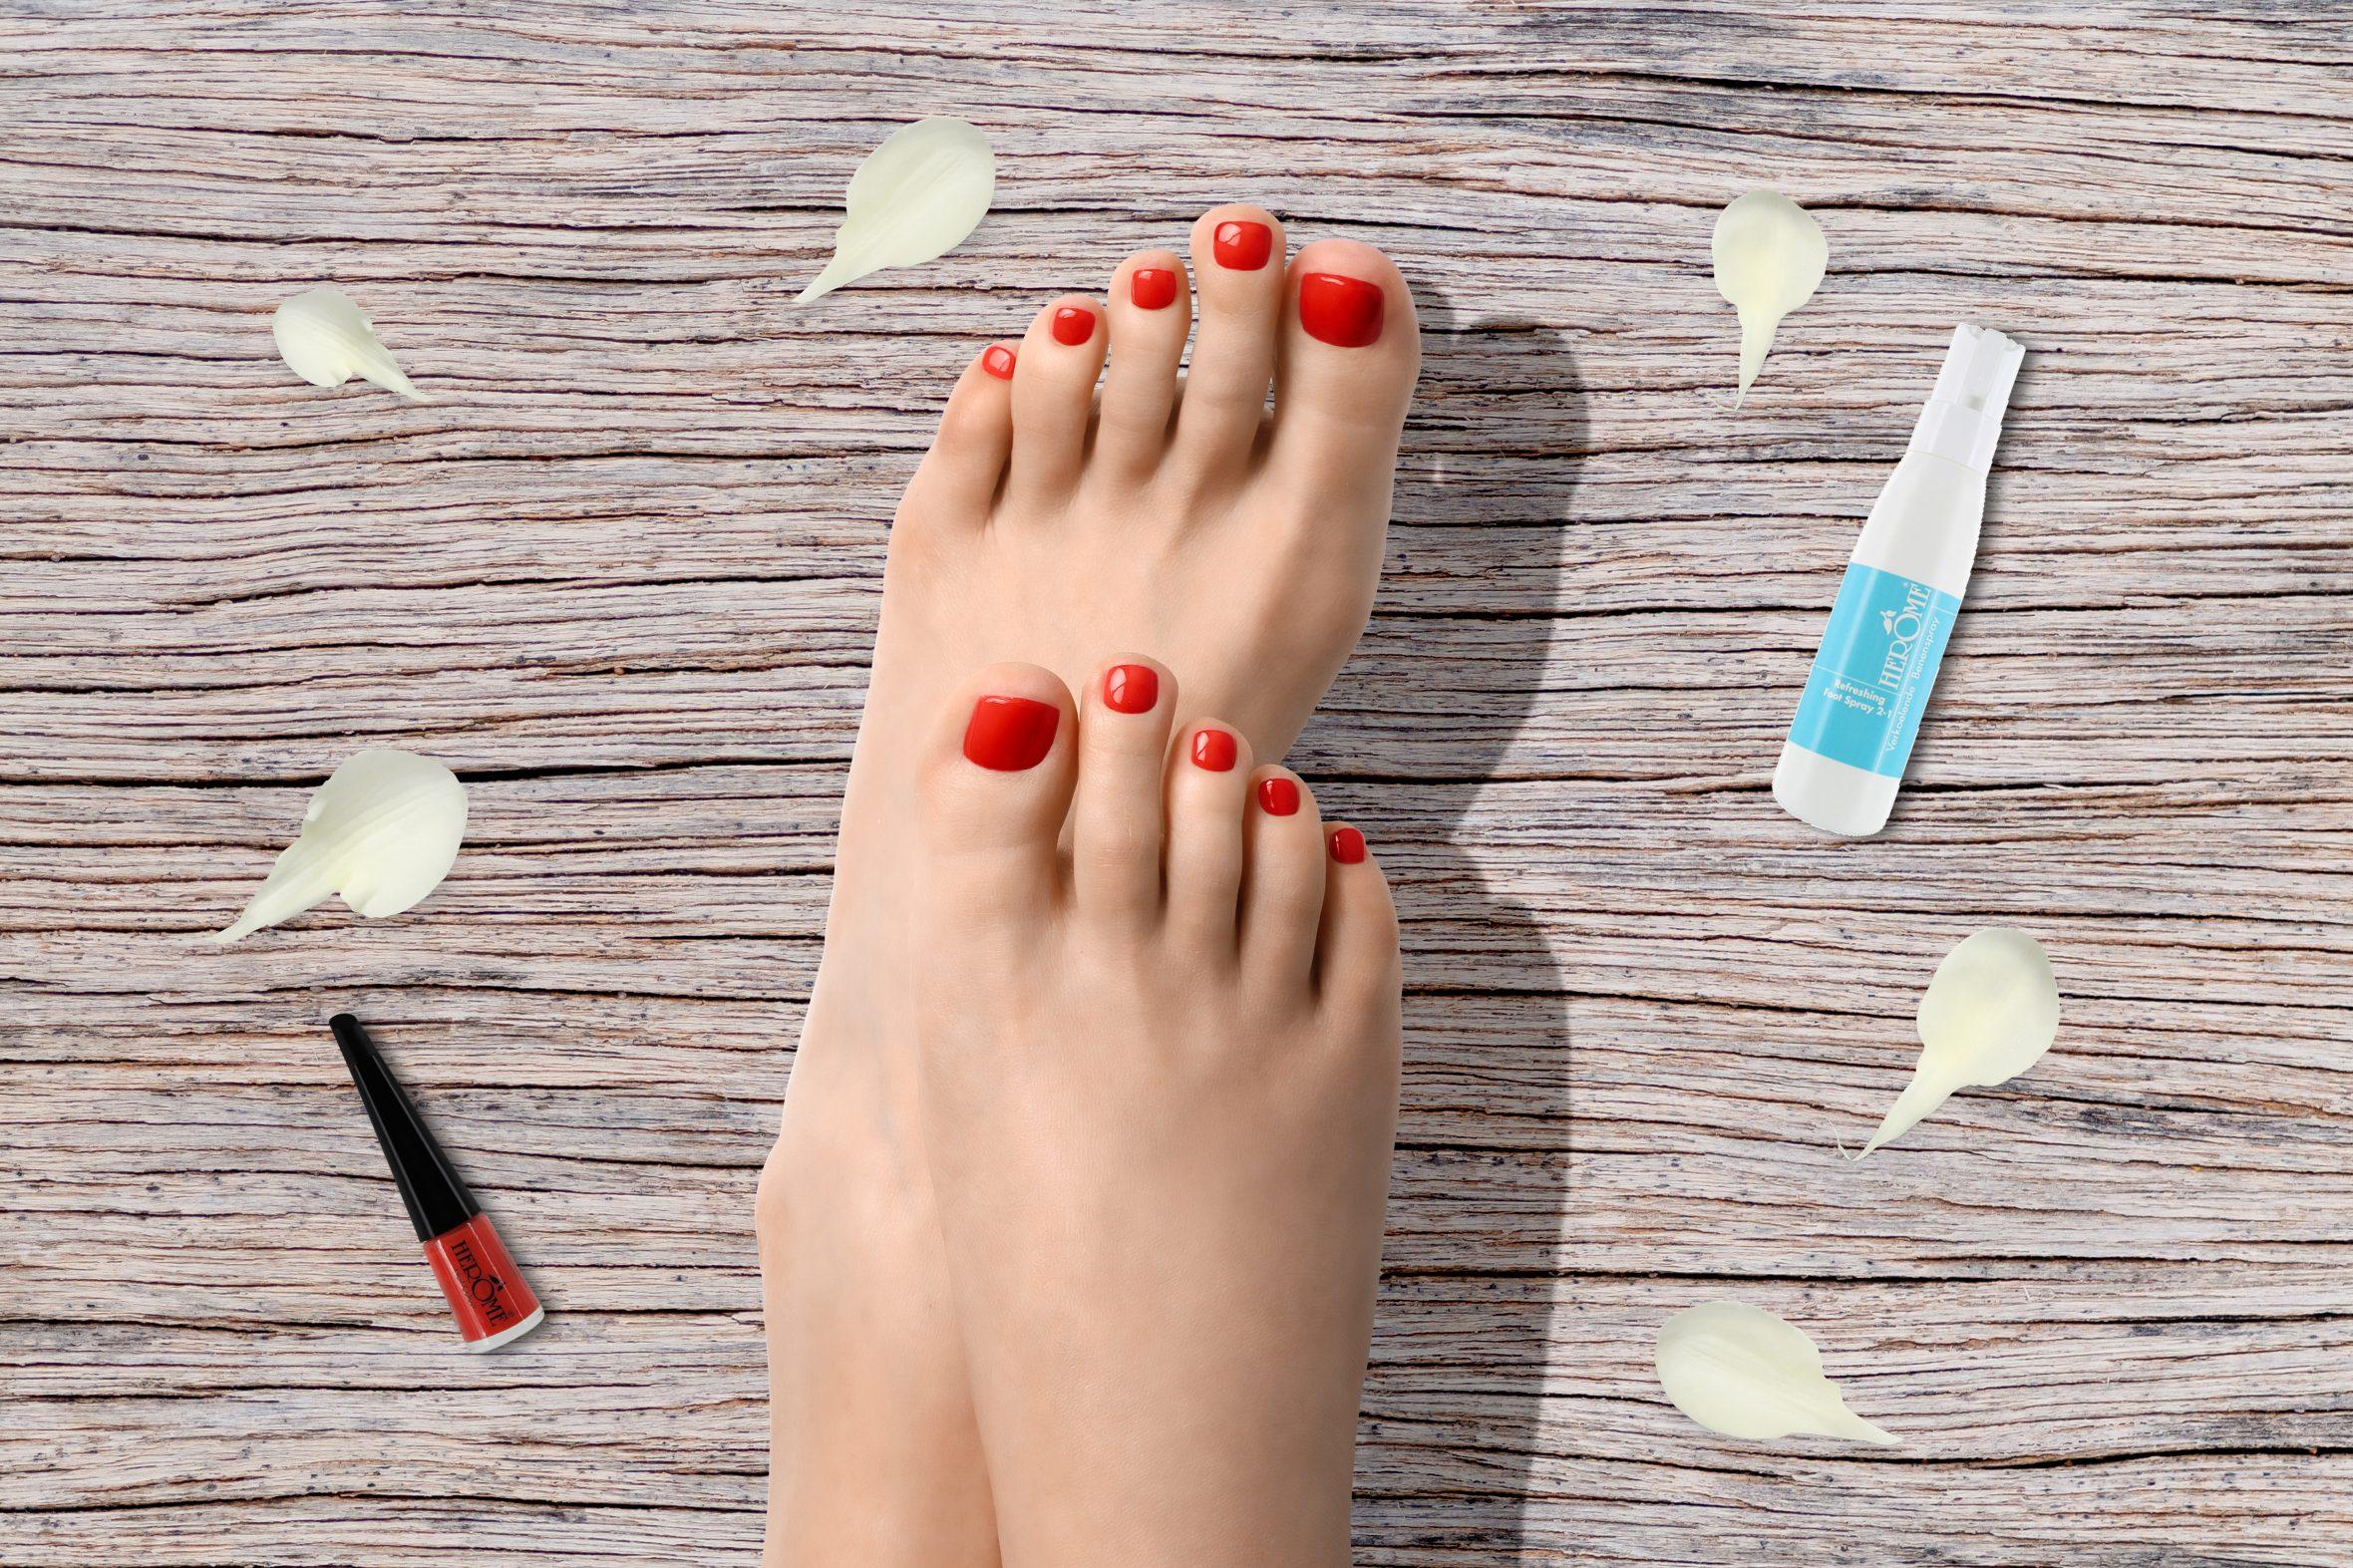 Donker oranje nagellak op teennagels voor zomerse manicure